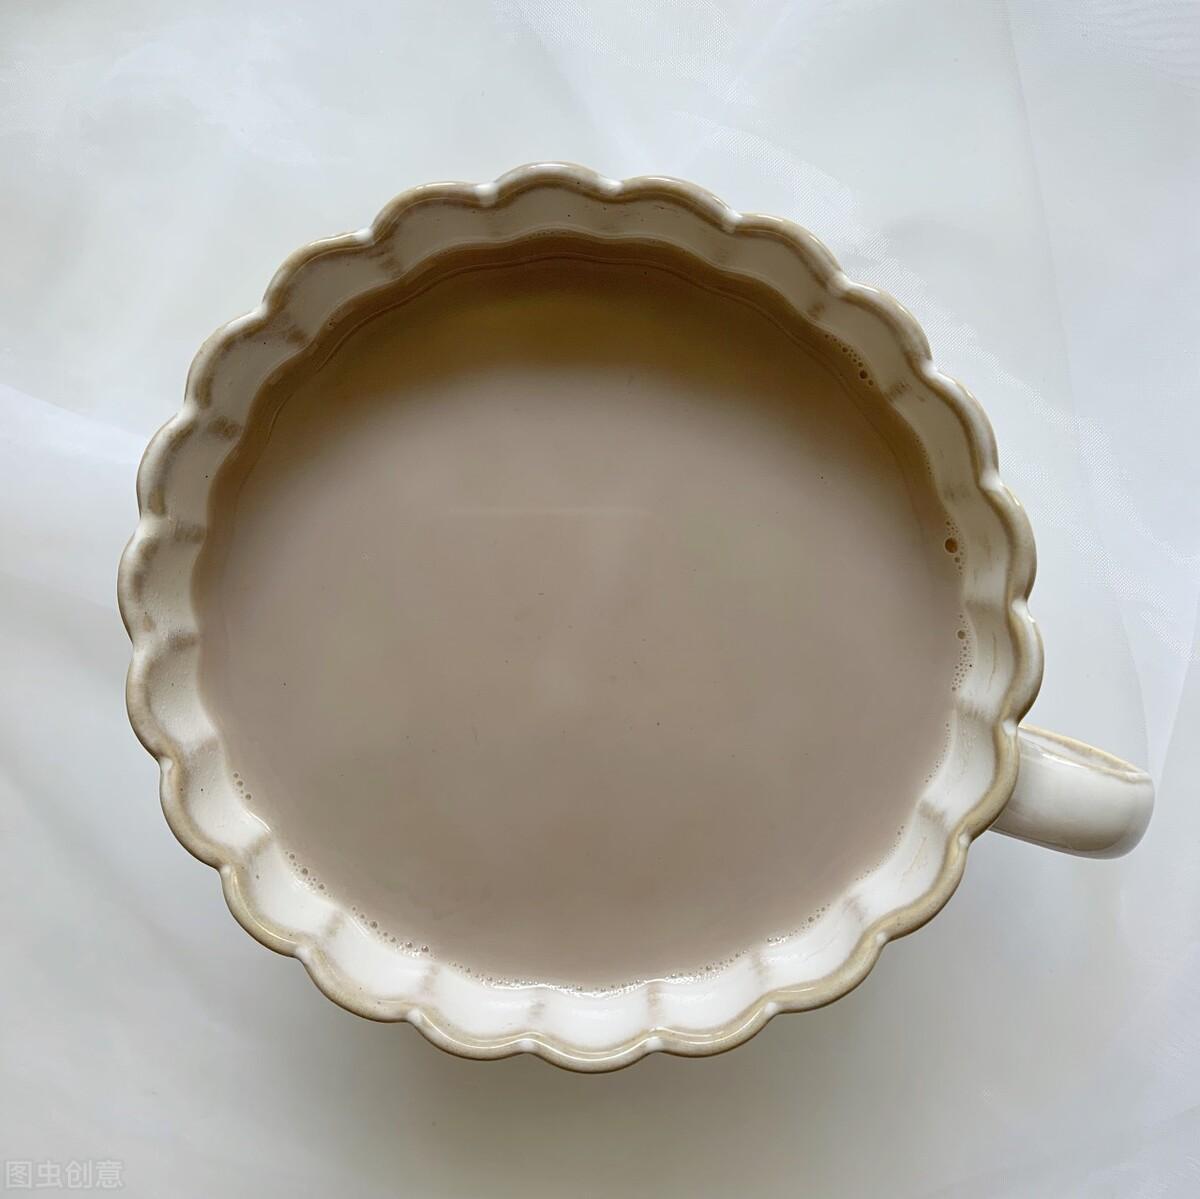 老中医:还在喝枸杞红枣茶补气血么?不仅没用还会导致上火 中医养生 第6张